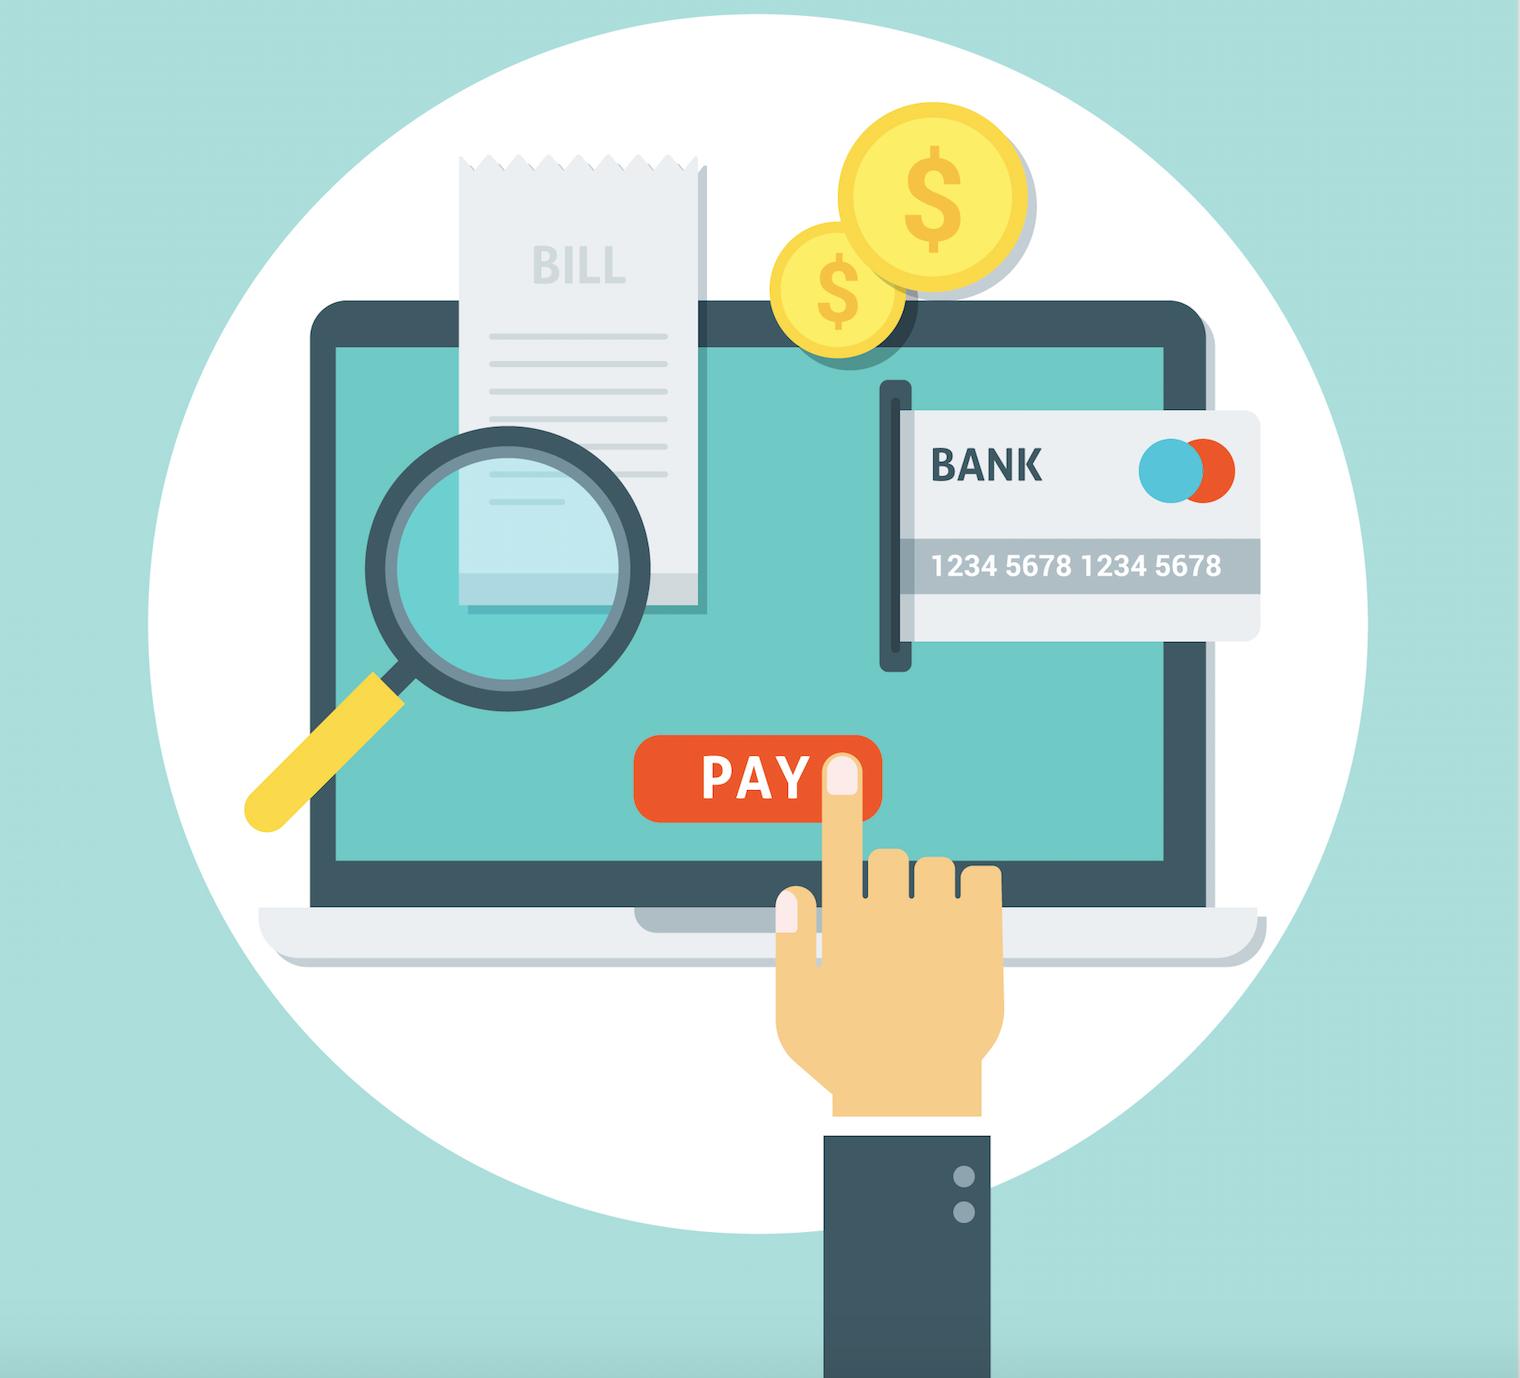 En 2019 el periodo medio de pago de las empresas a sus proveedores fue de 64 días